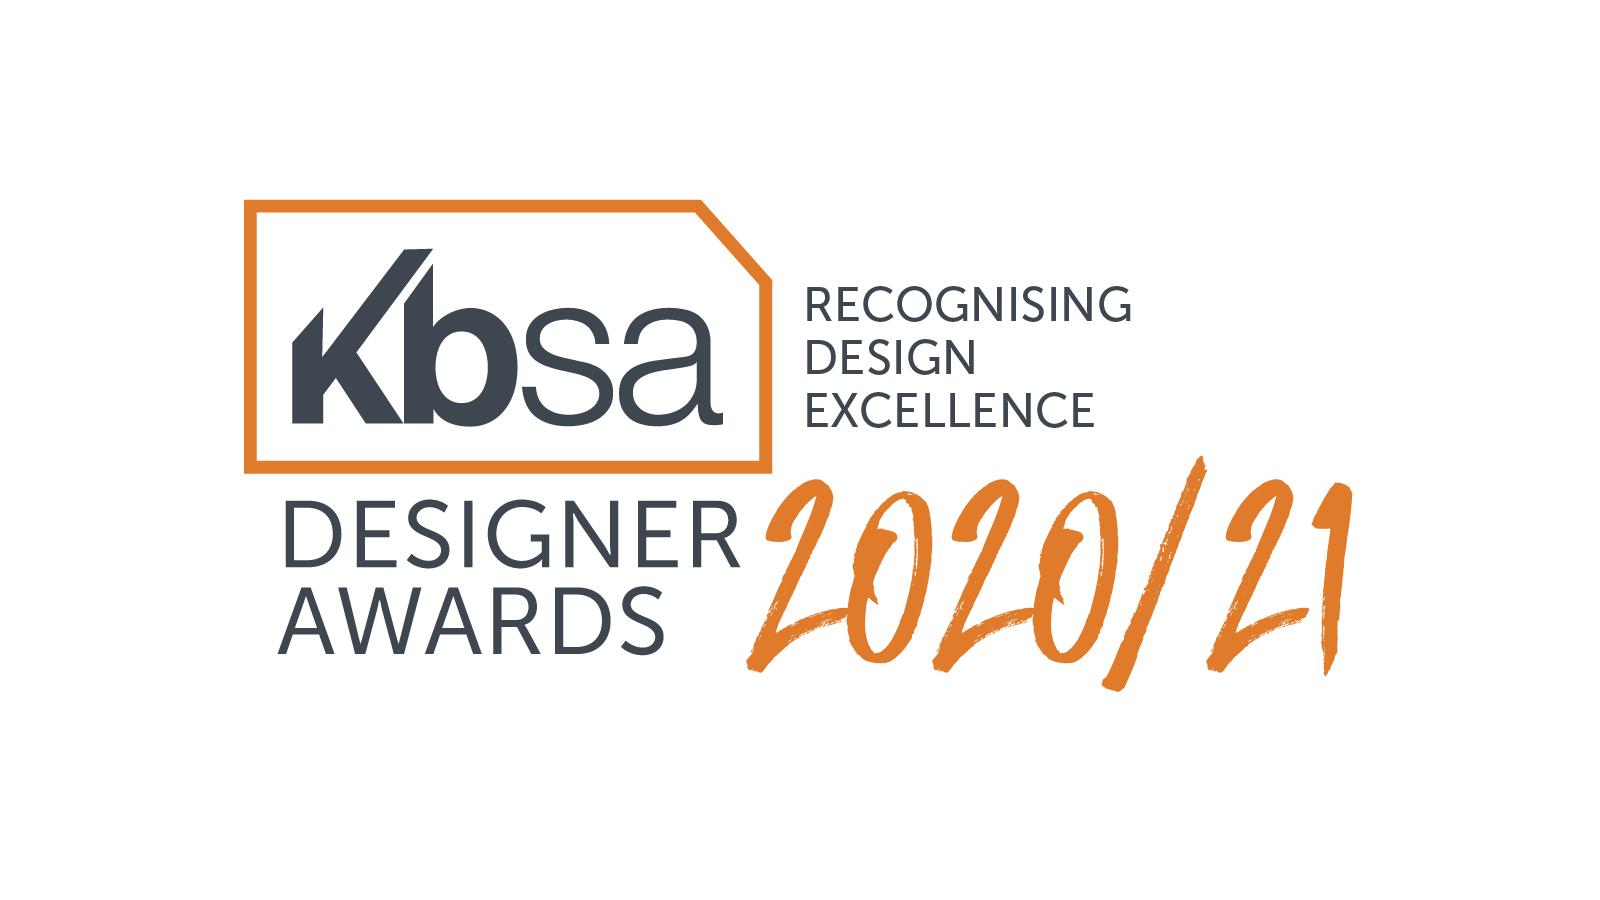 Kbsa Awards deadline extended